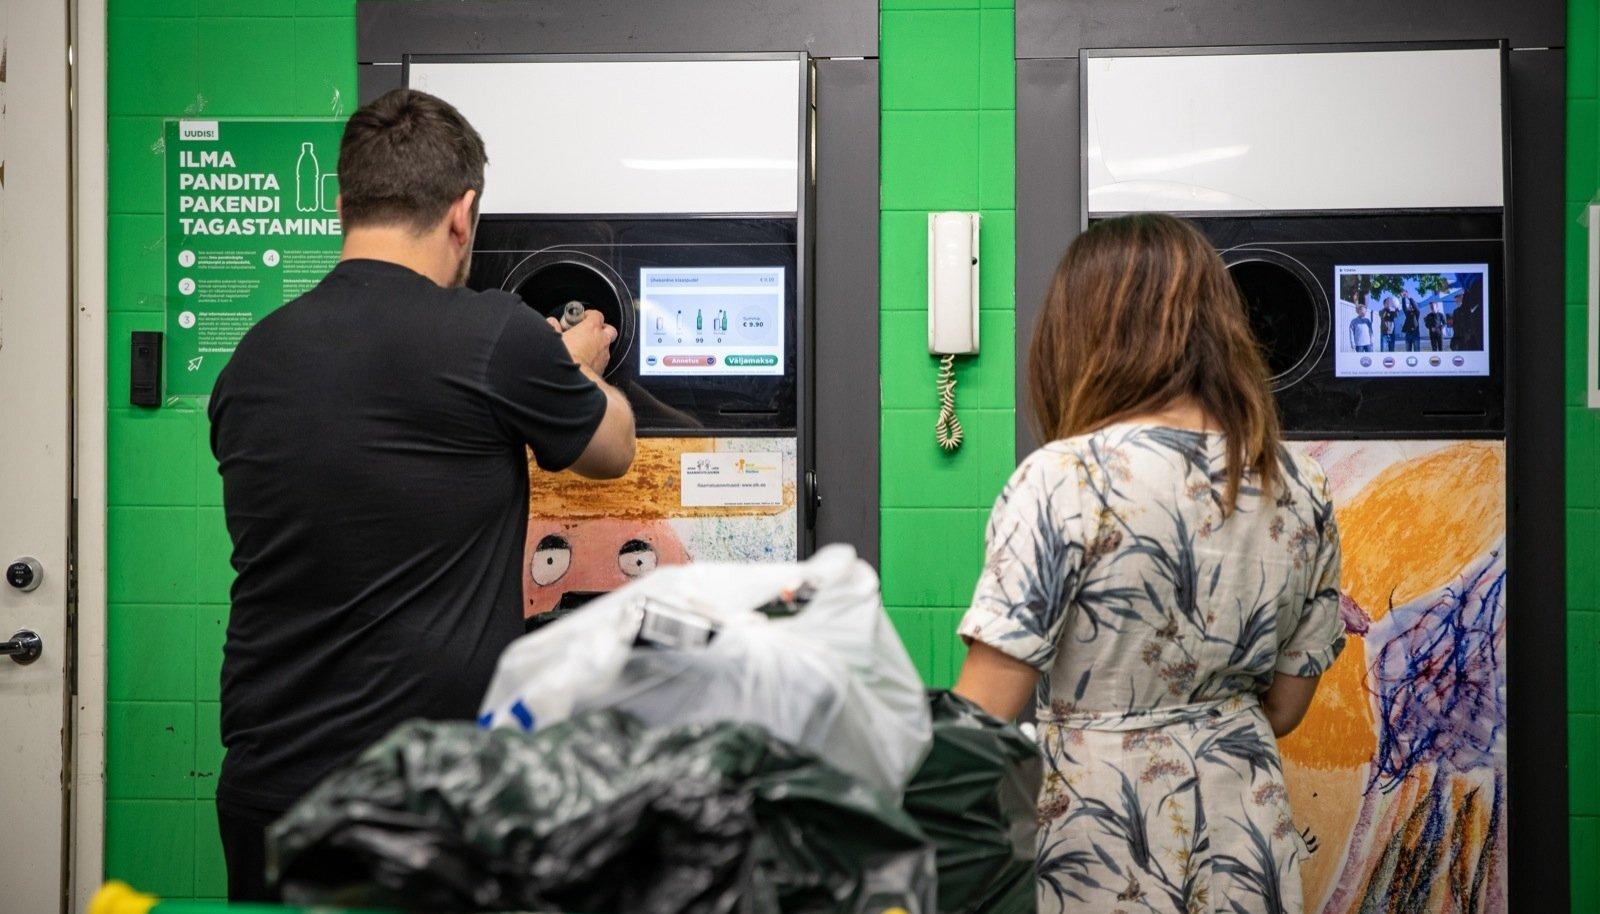 Praegu on võimalik pandimärgita taarat tagastada ainult Prisma kaupluste taaraautomaadides, kuid selle eest raha ei saa. Teine võimalus on selline taara viia pakendikonteinerisse.